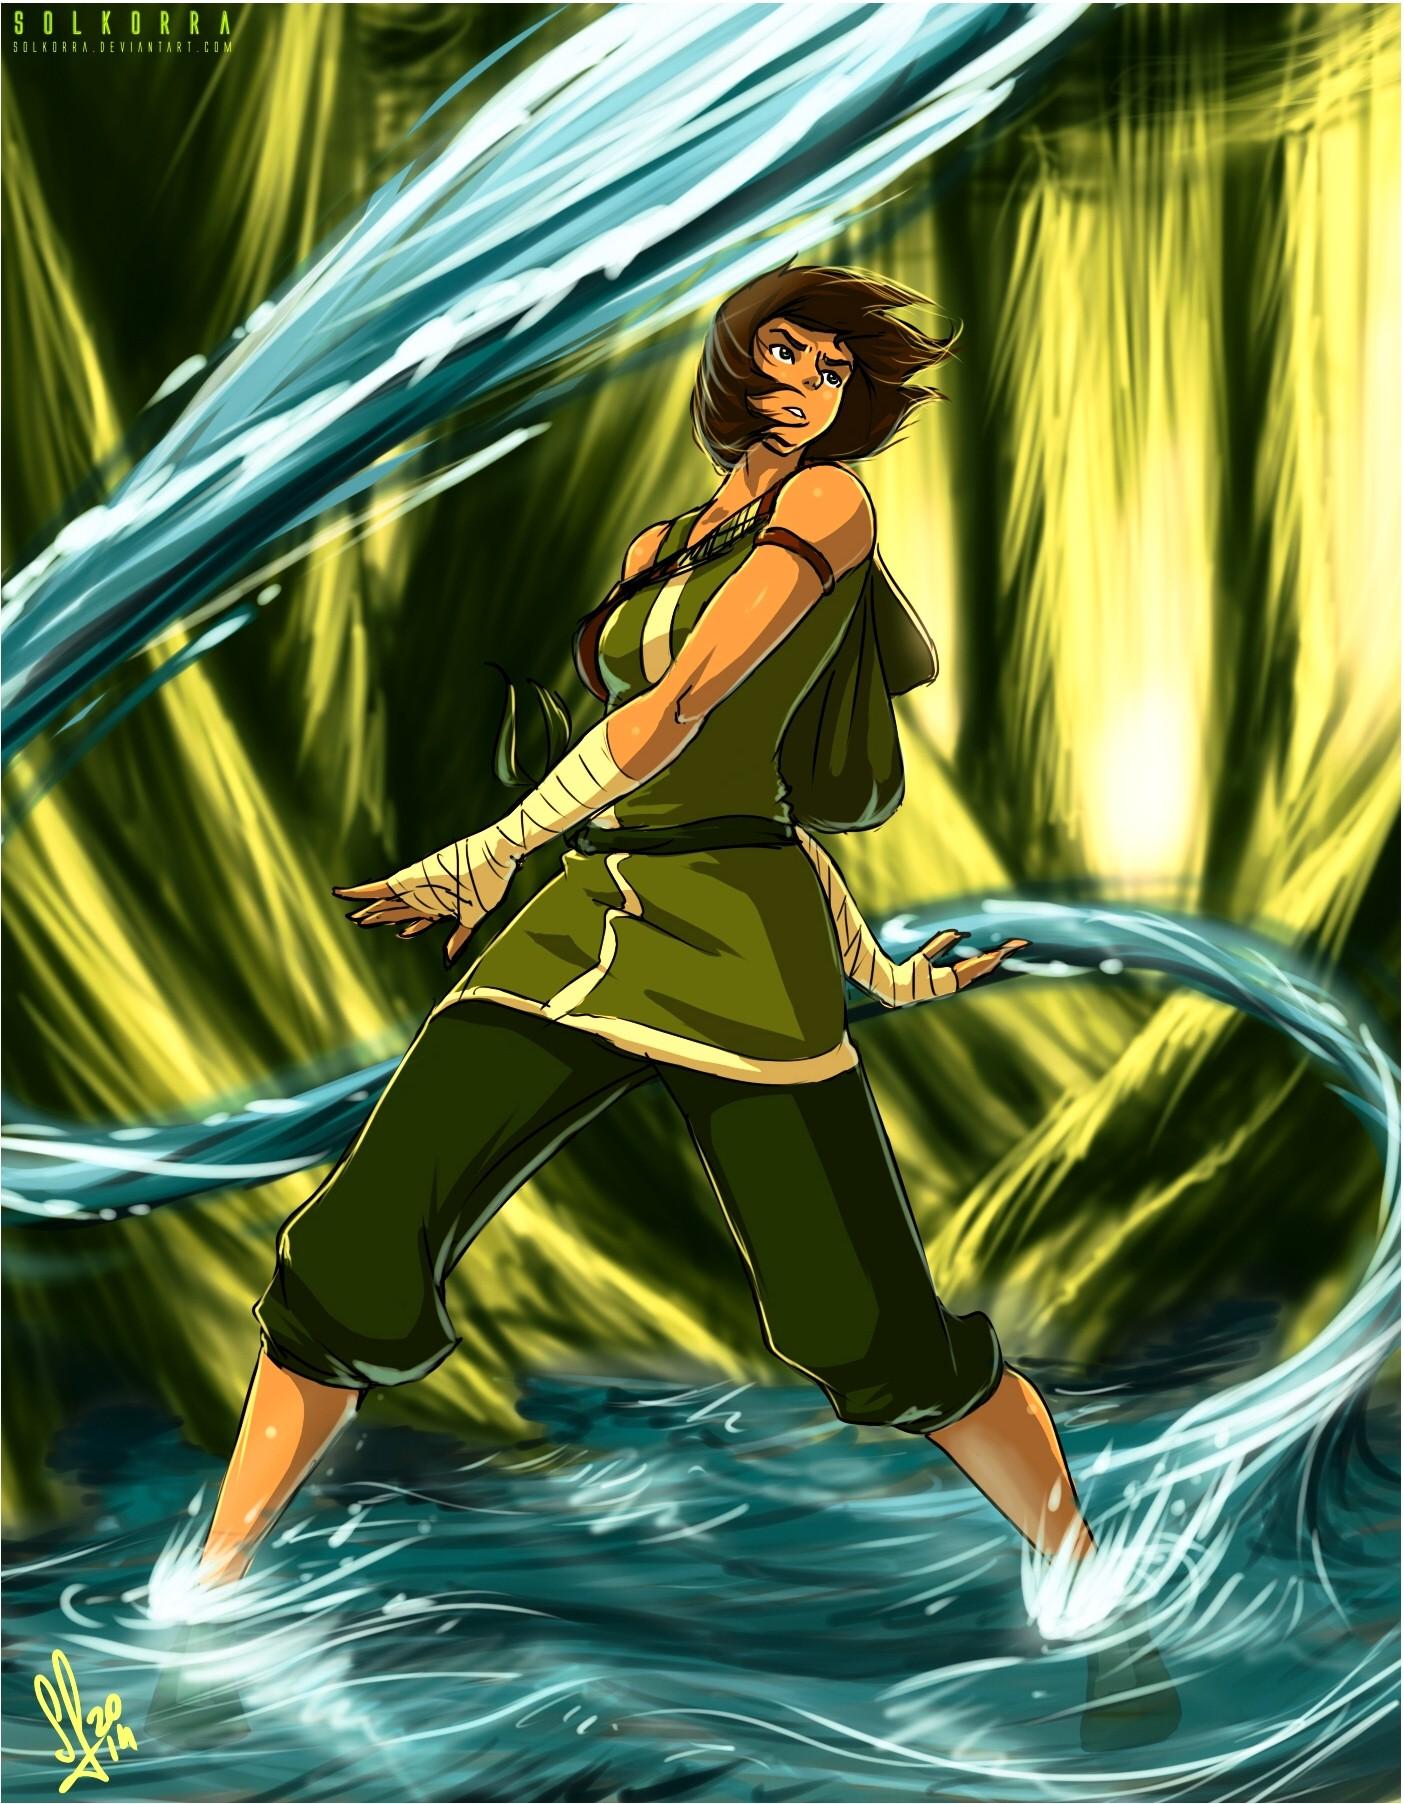 Wallpaper Illustration Digital Art Women Anime The Legend Of